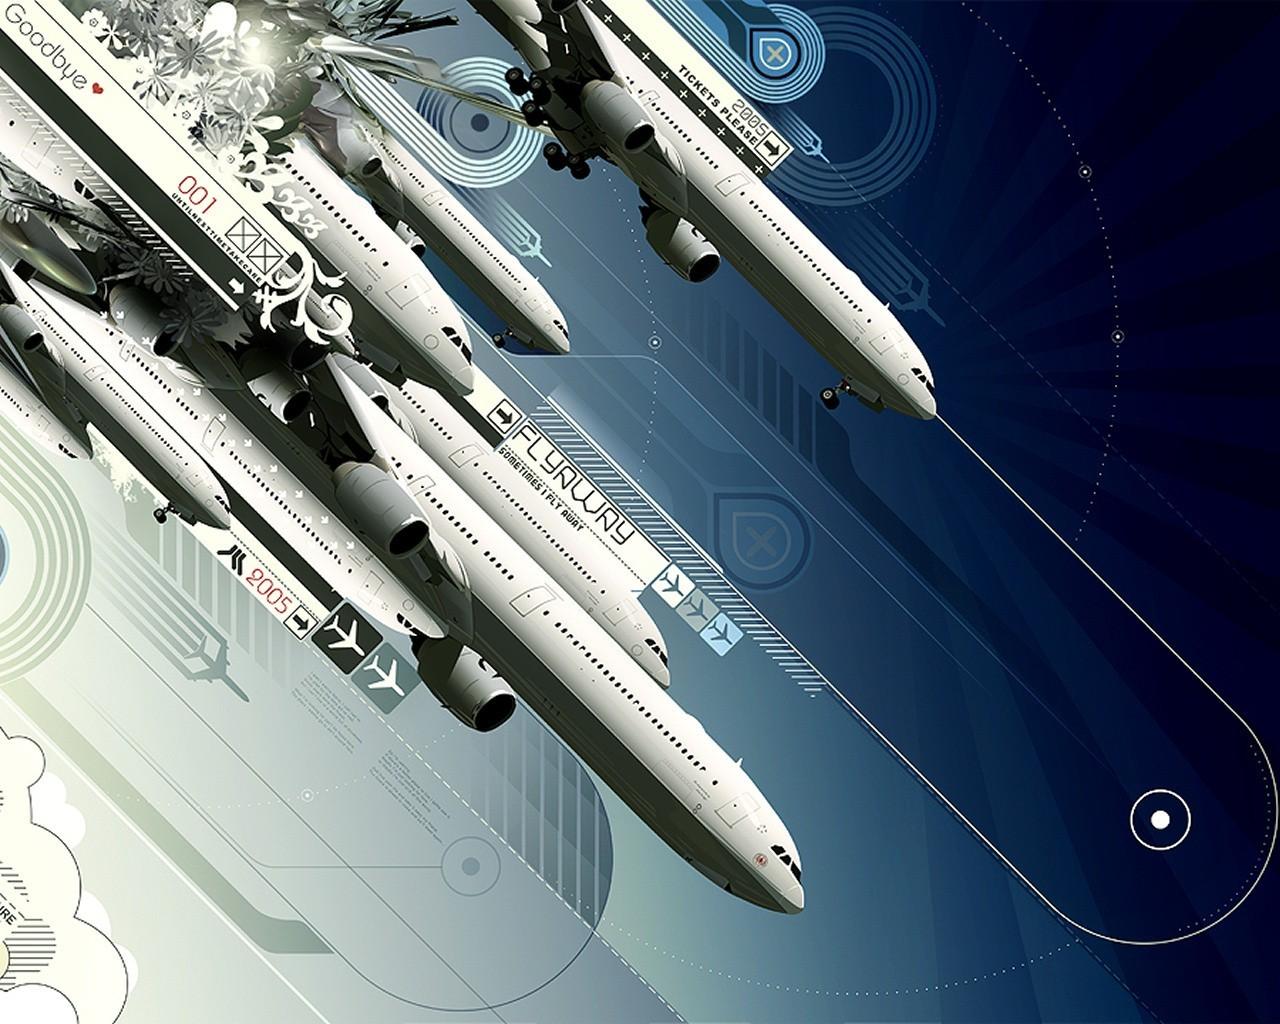 Коллаж, самолет, истребитель, обои для рабочего стола